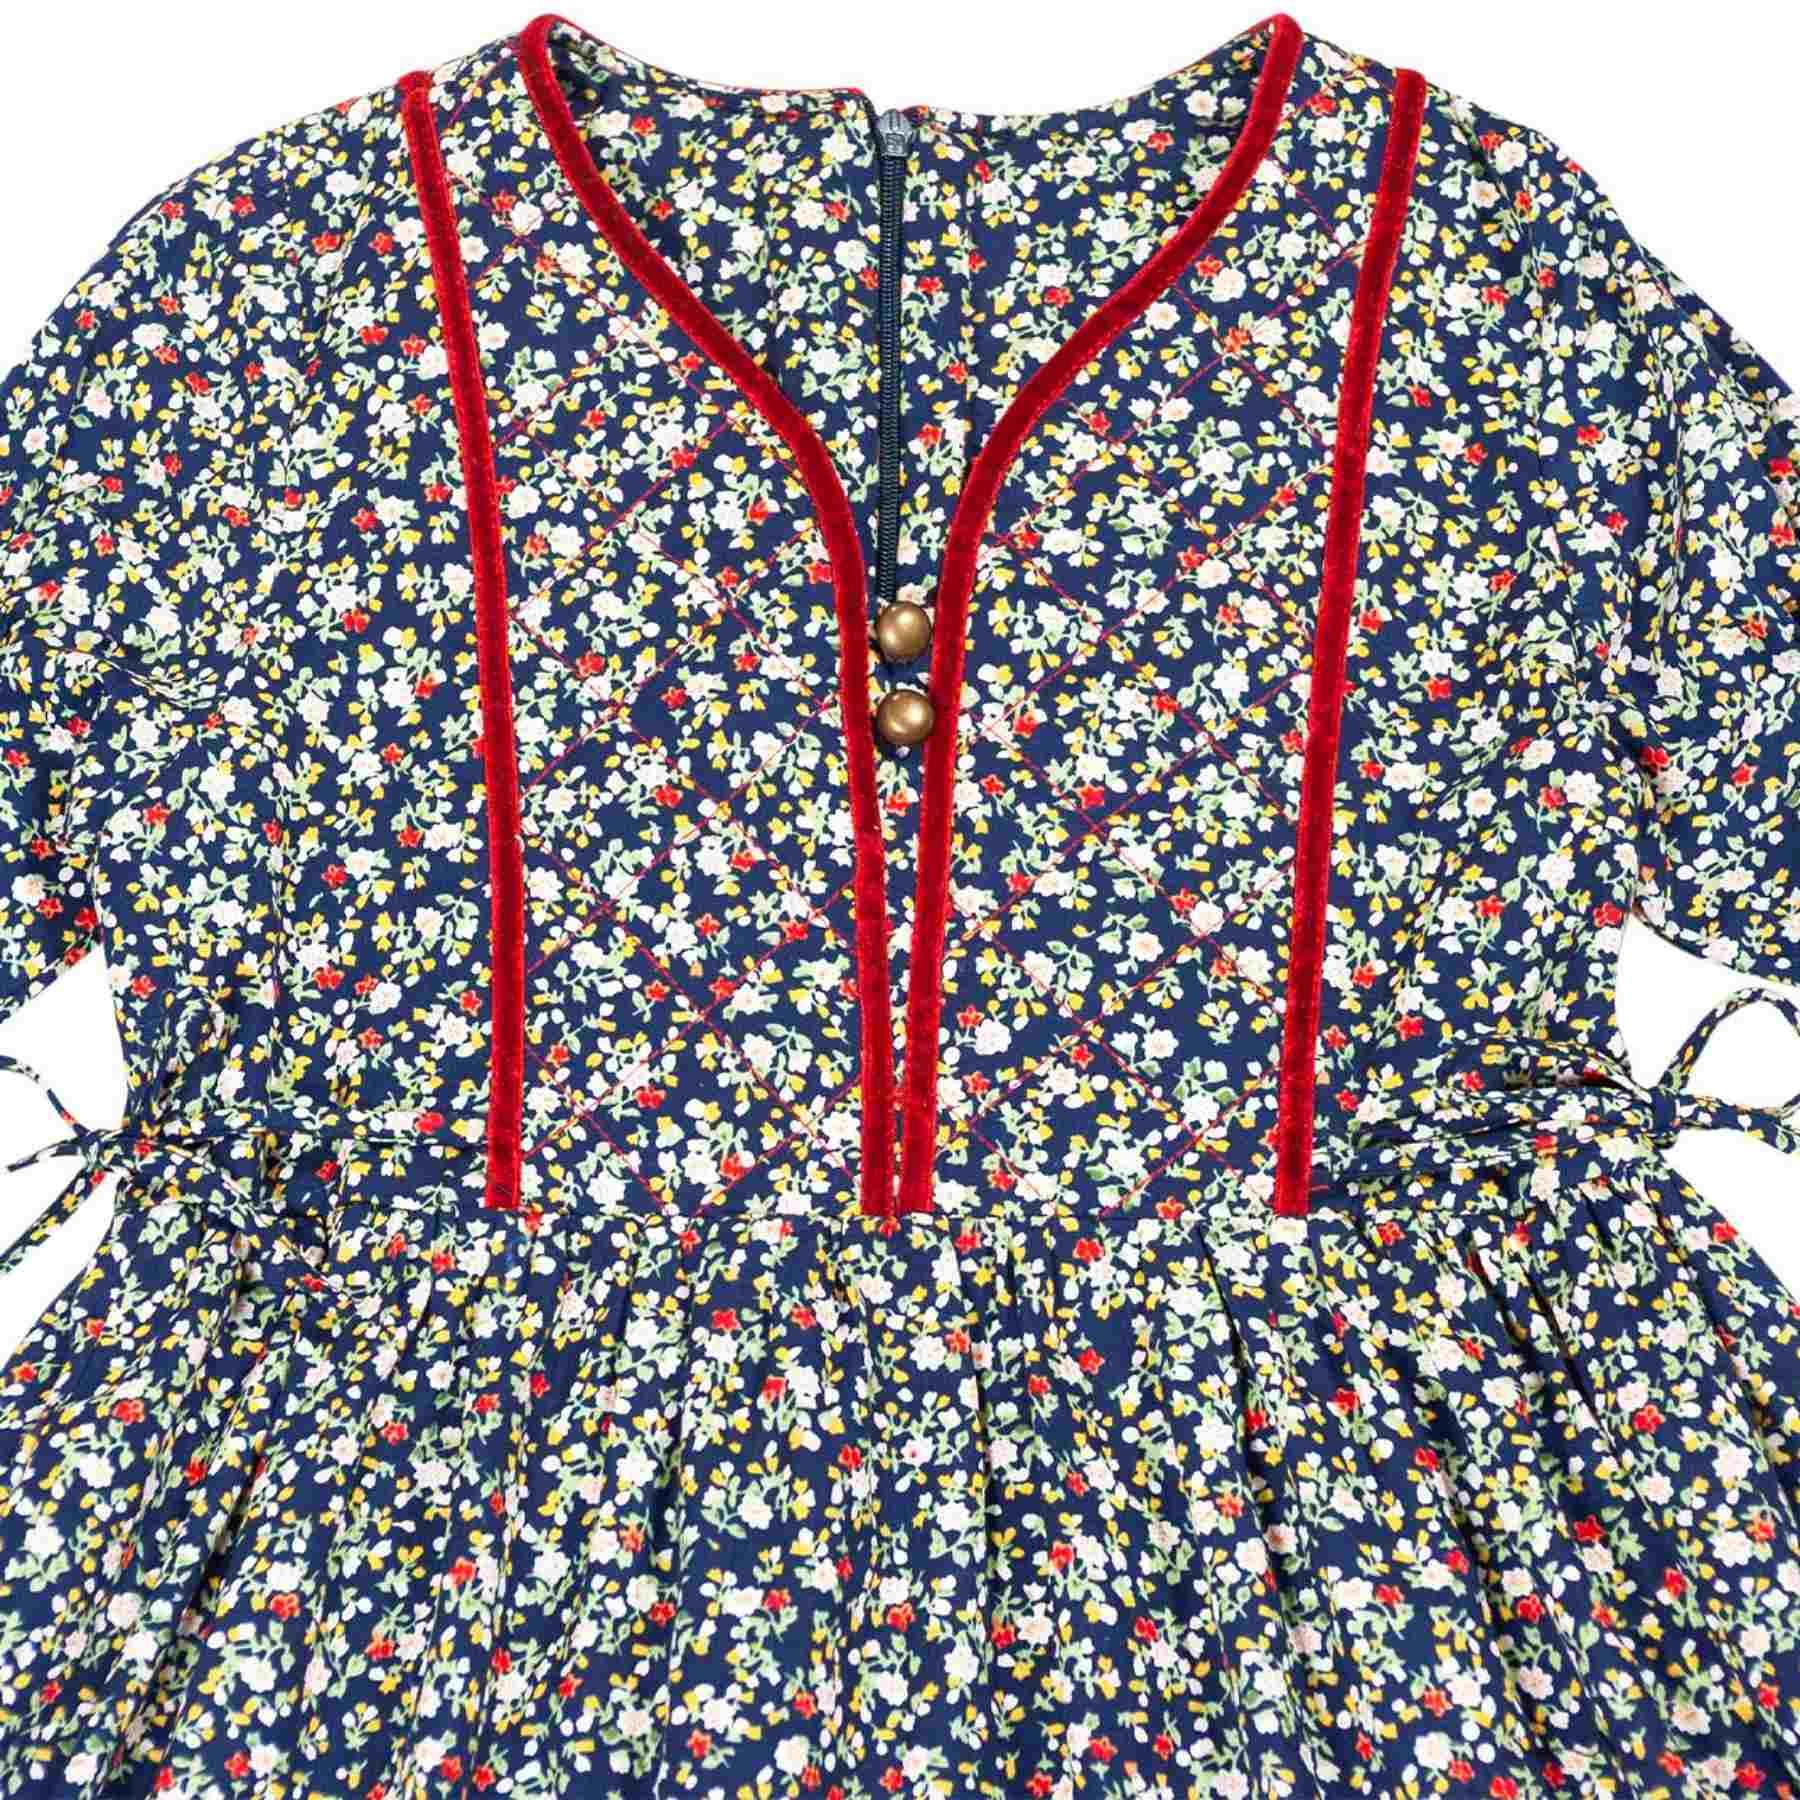 robe intersaison manches longues coton bleu marine fleuri liberty rouge avec plastron avant matelassé et ruban rouge pour petites filles de 2 à 12 ans